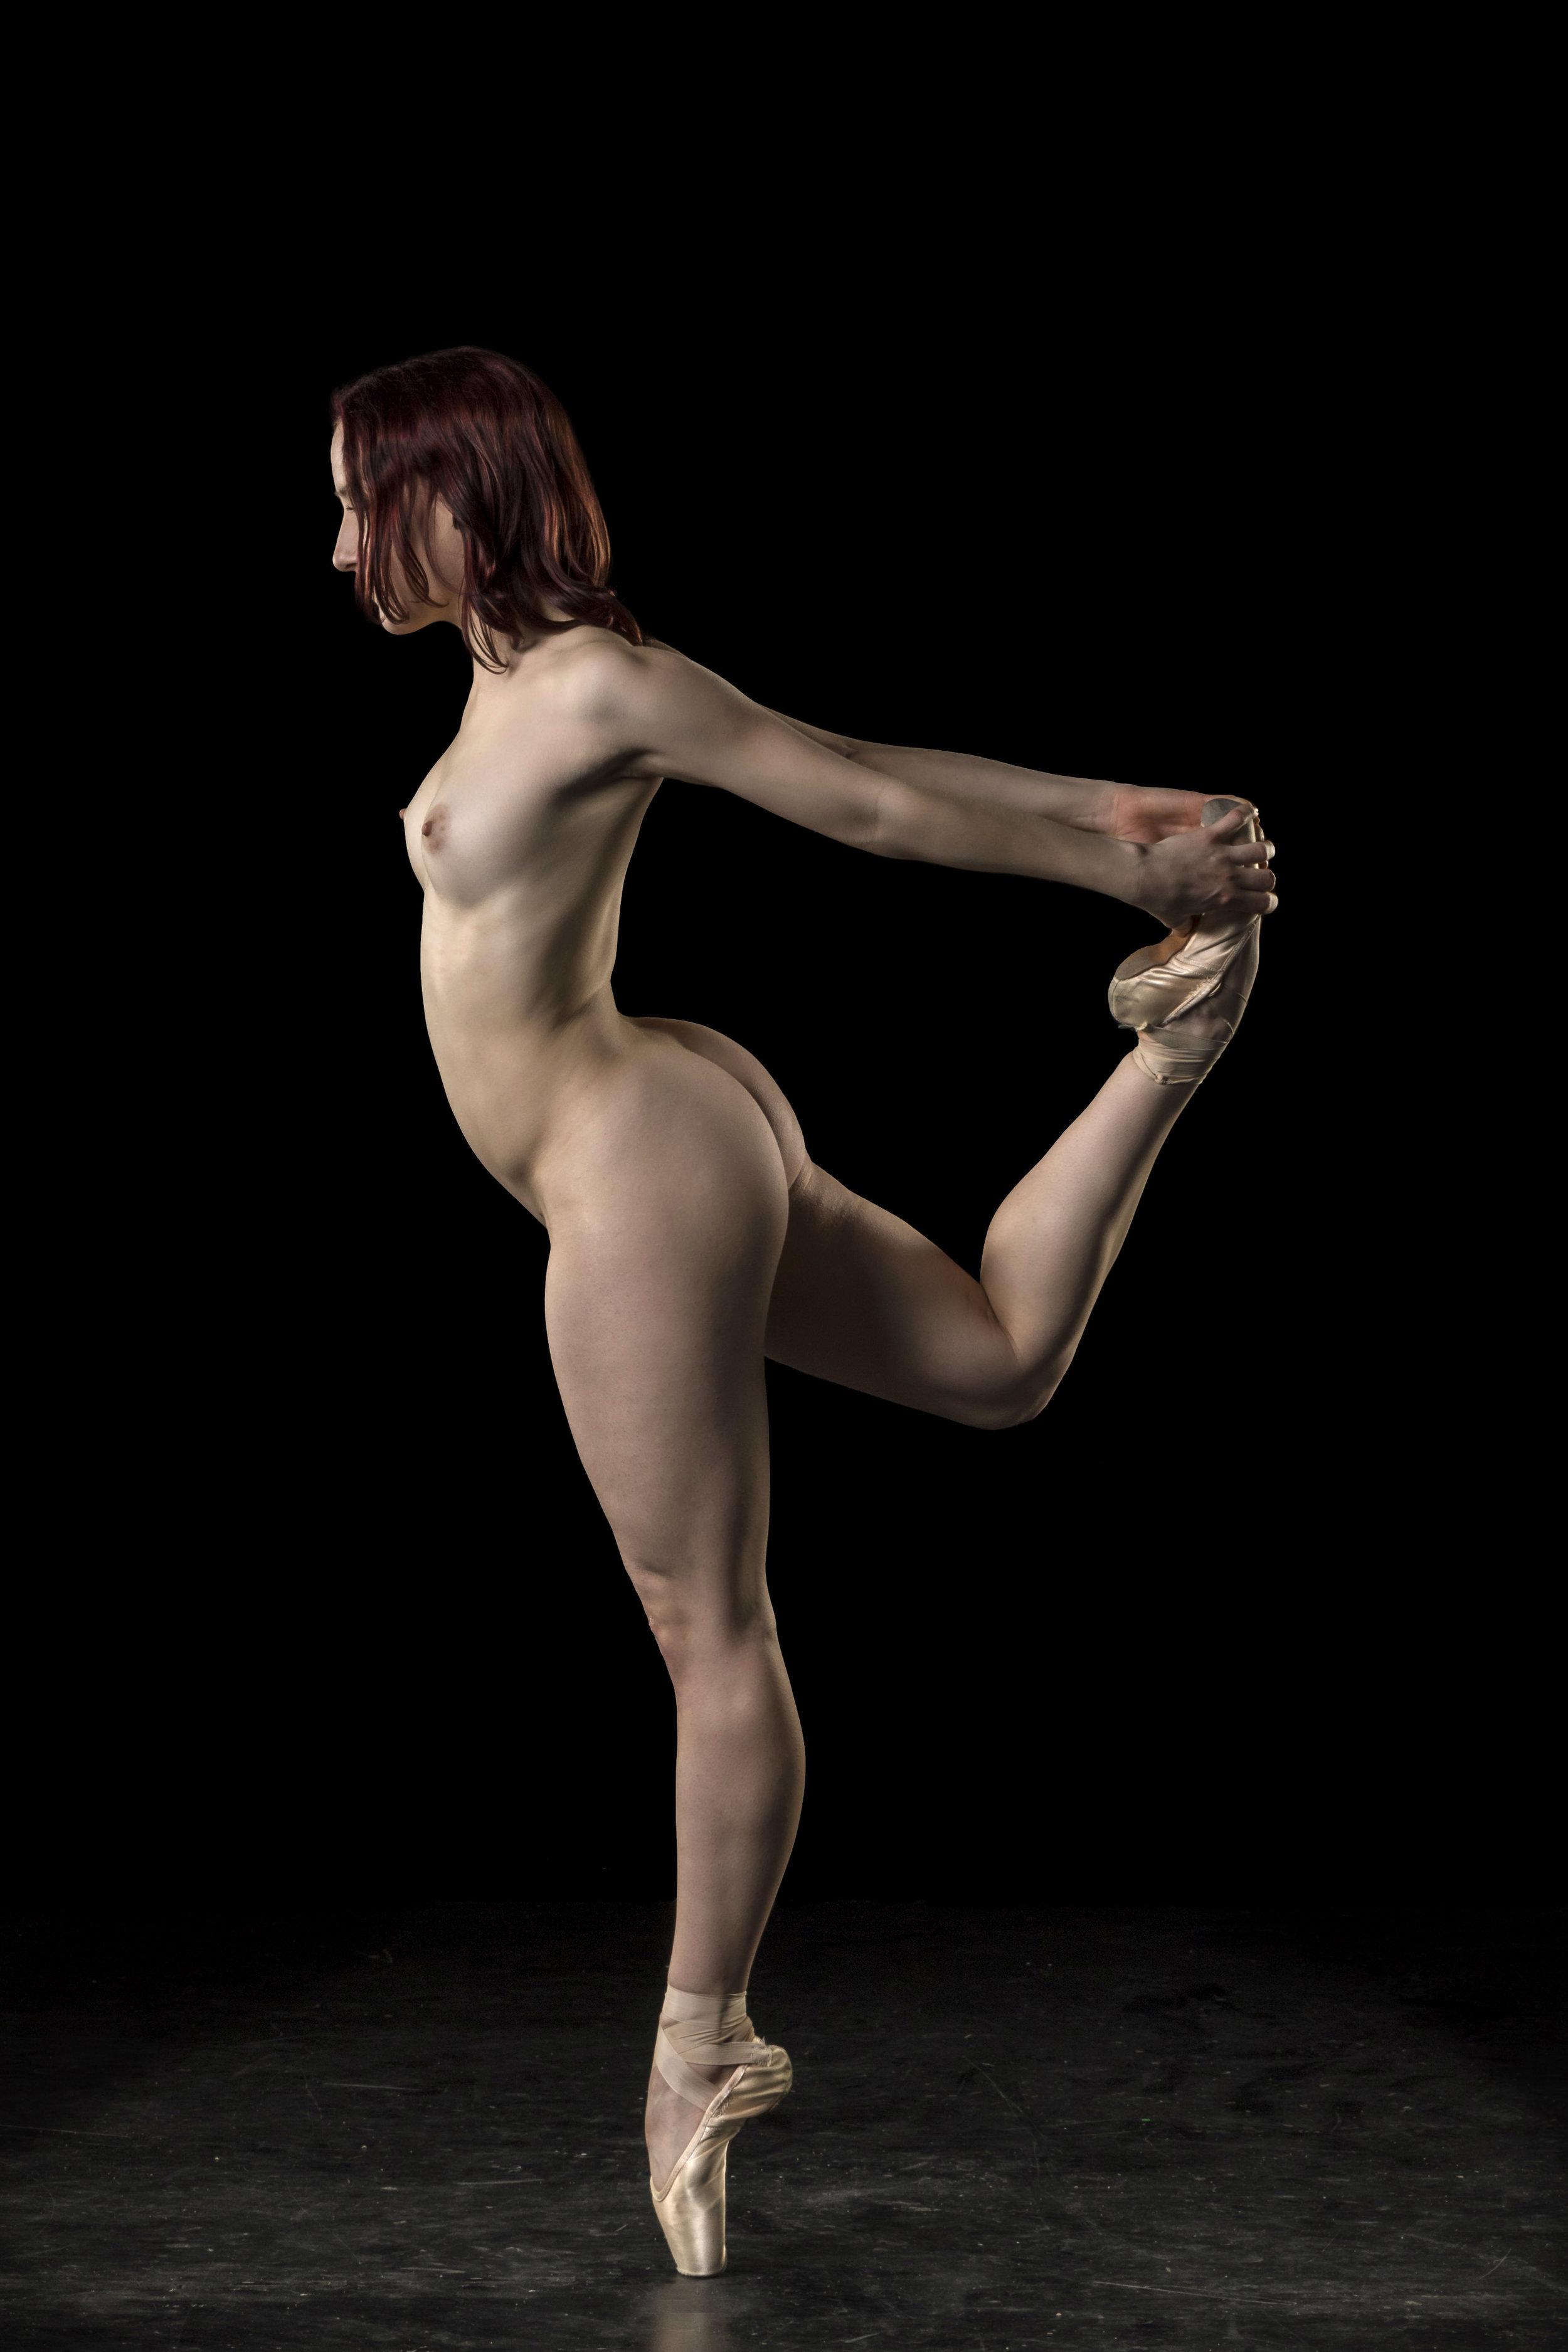 Ballett nude Large HD